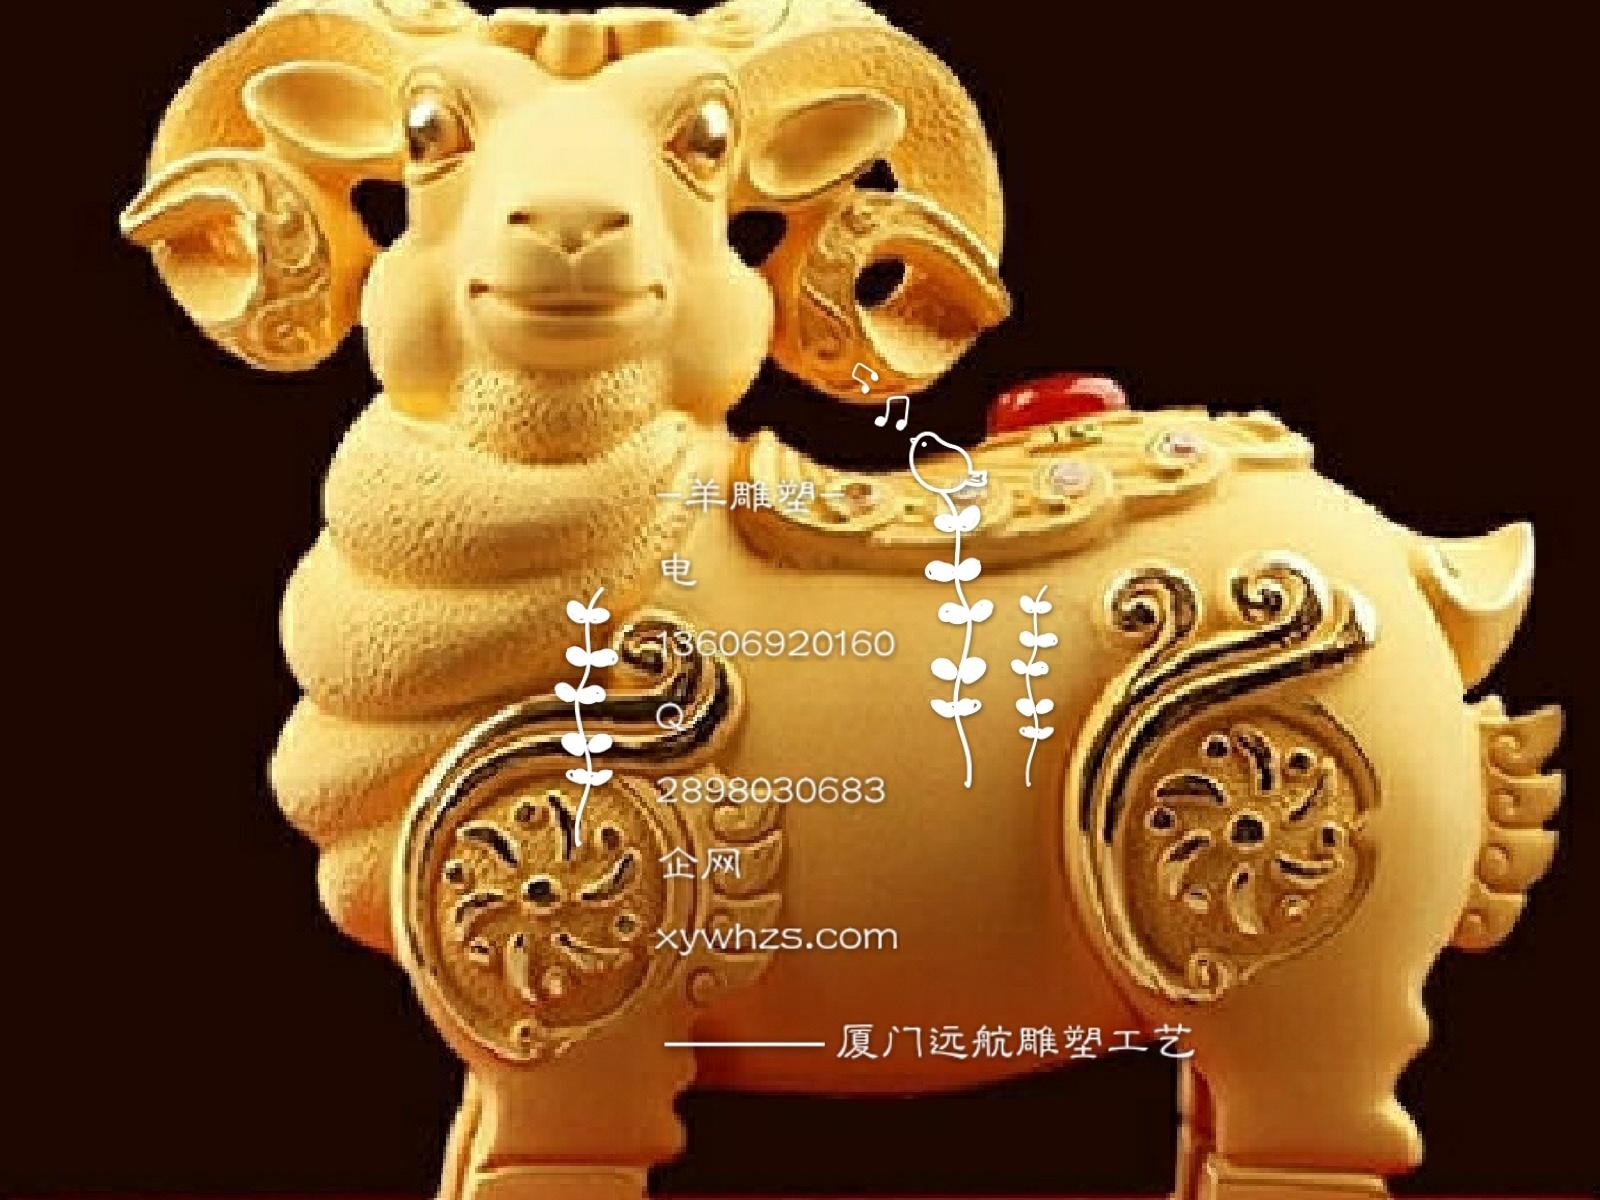 折叠 图腾 十二生肖,是中国传统文化的重要部分,源于自然界的11种动物